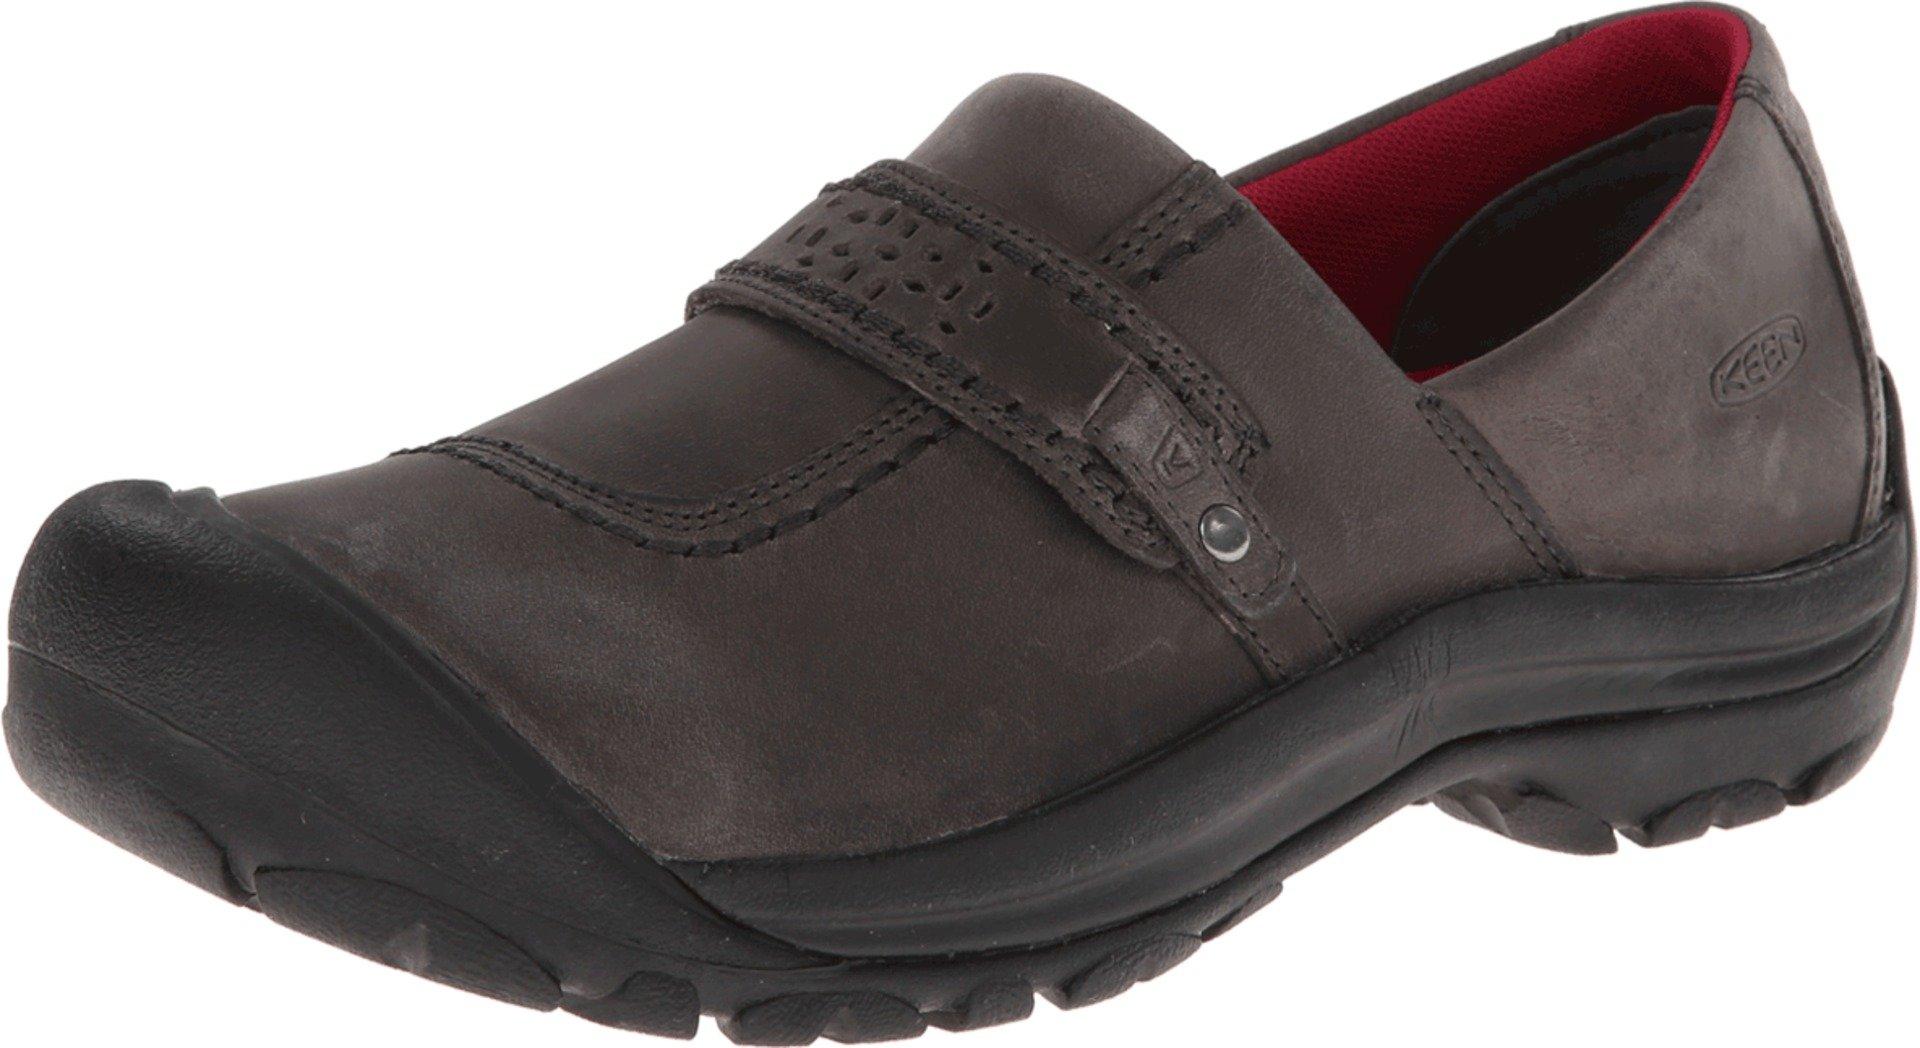 KEEN Women's Kaci Full Grain Slip-On Shoe,Magnet,8.5 M US